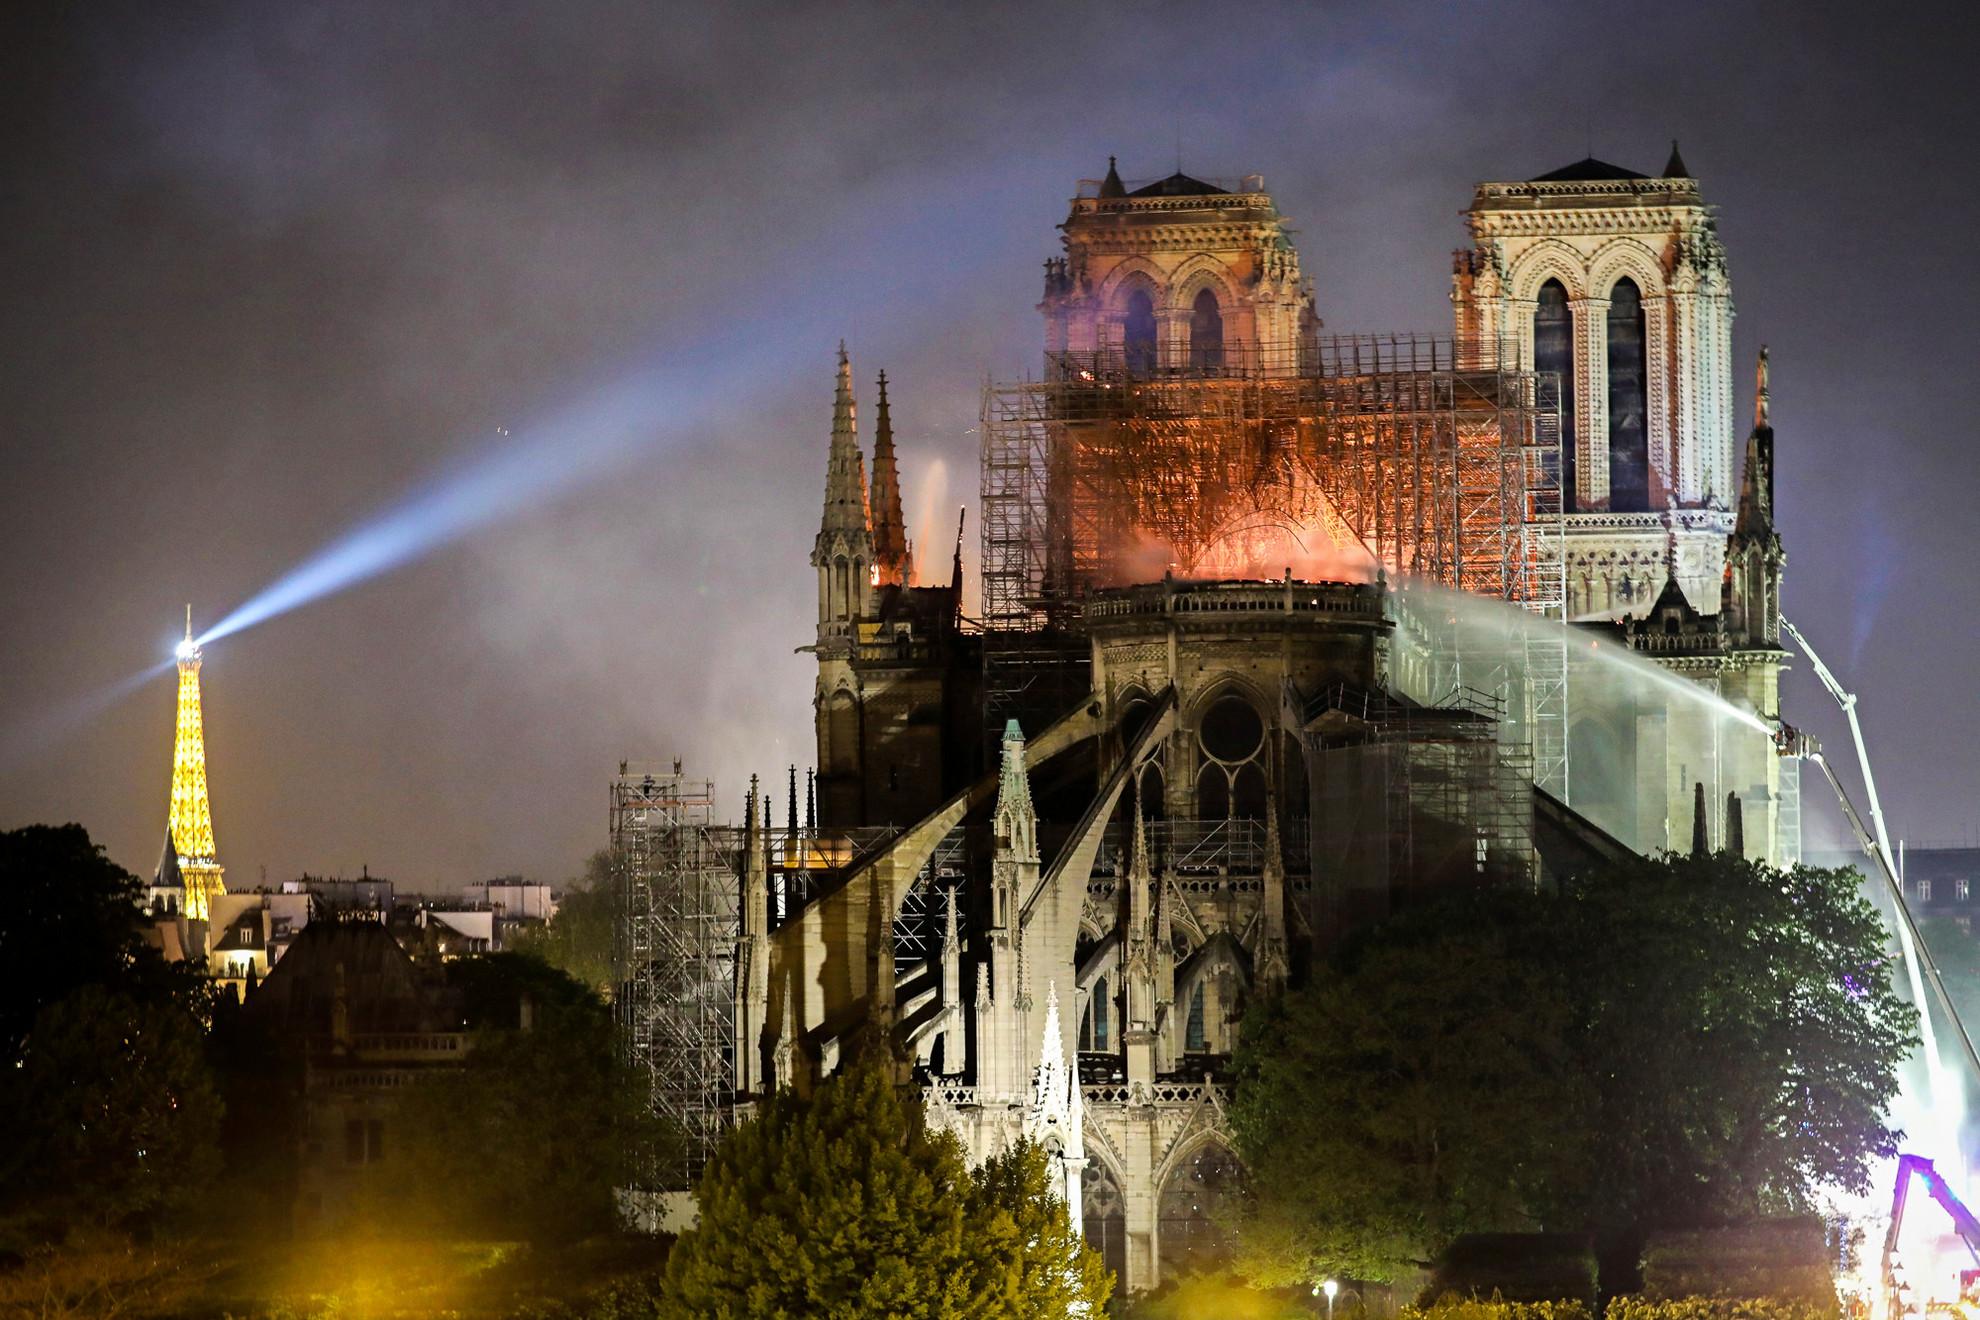 Párizs érsekének engedélyével sok templom kinyitott, harangszó hívta imára az embereket a tűzvész láttán